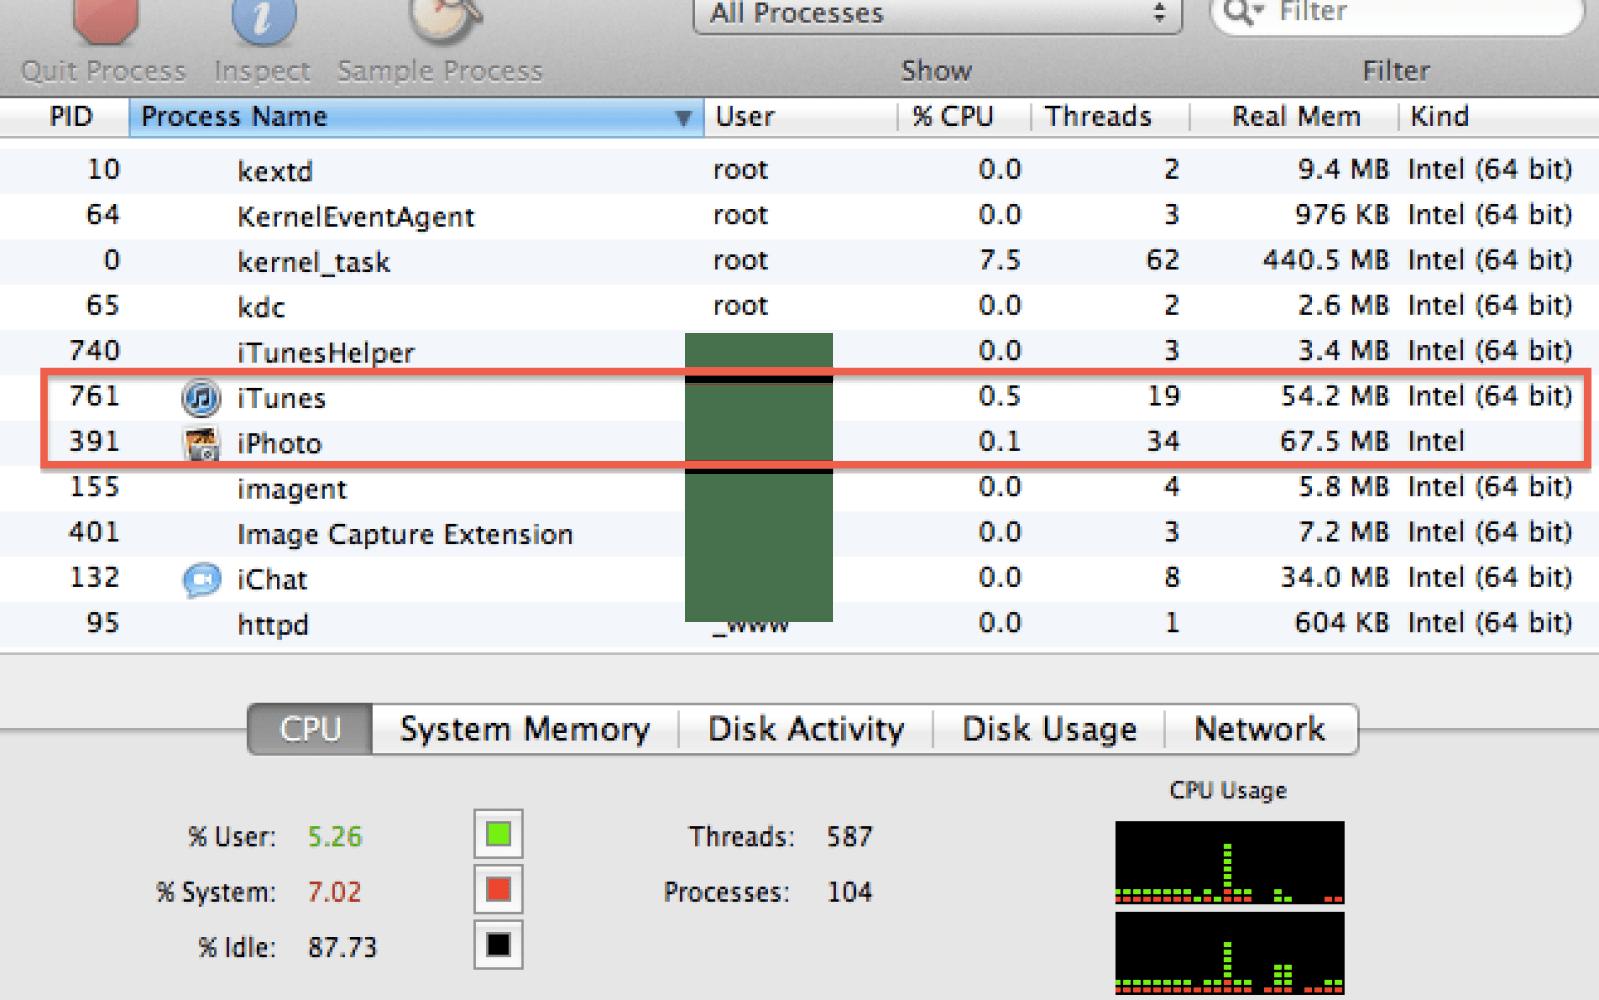 itunes 9.1 64 bit